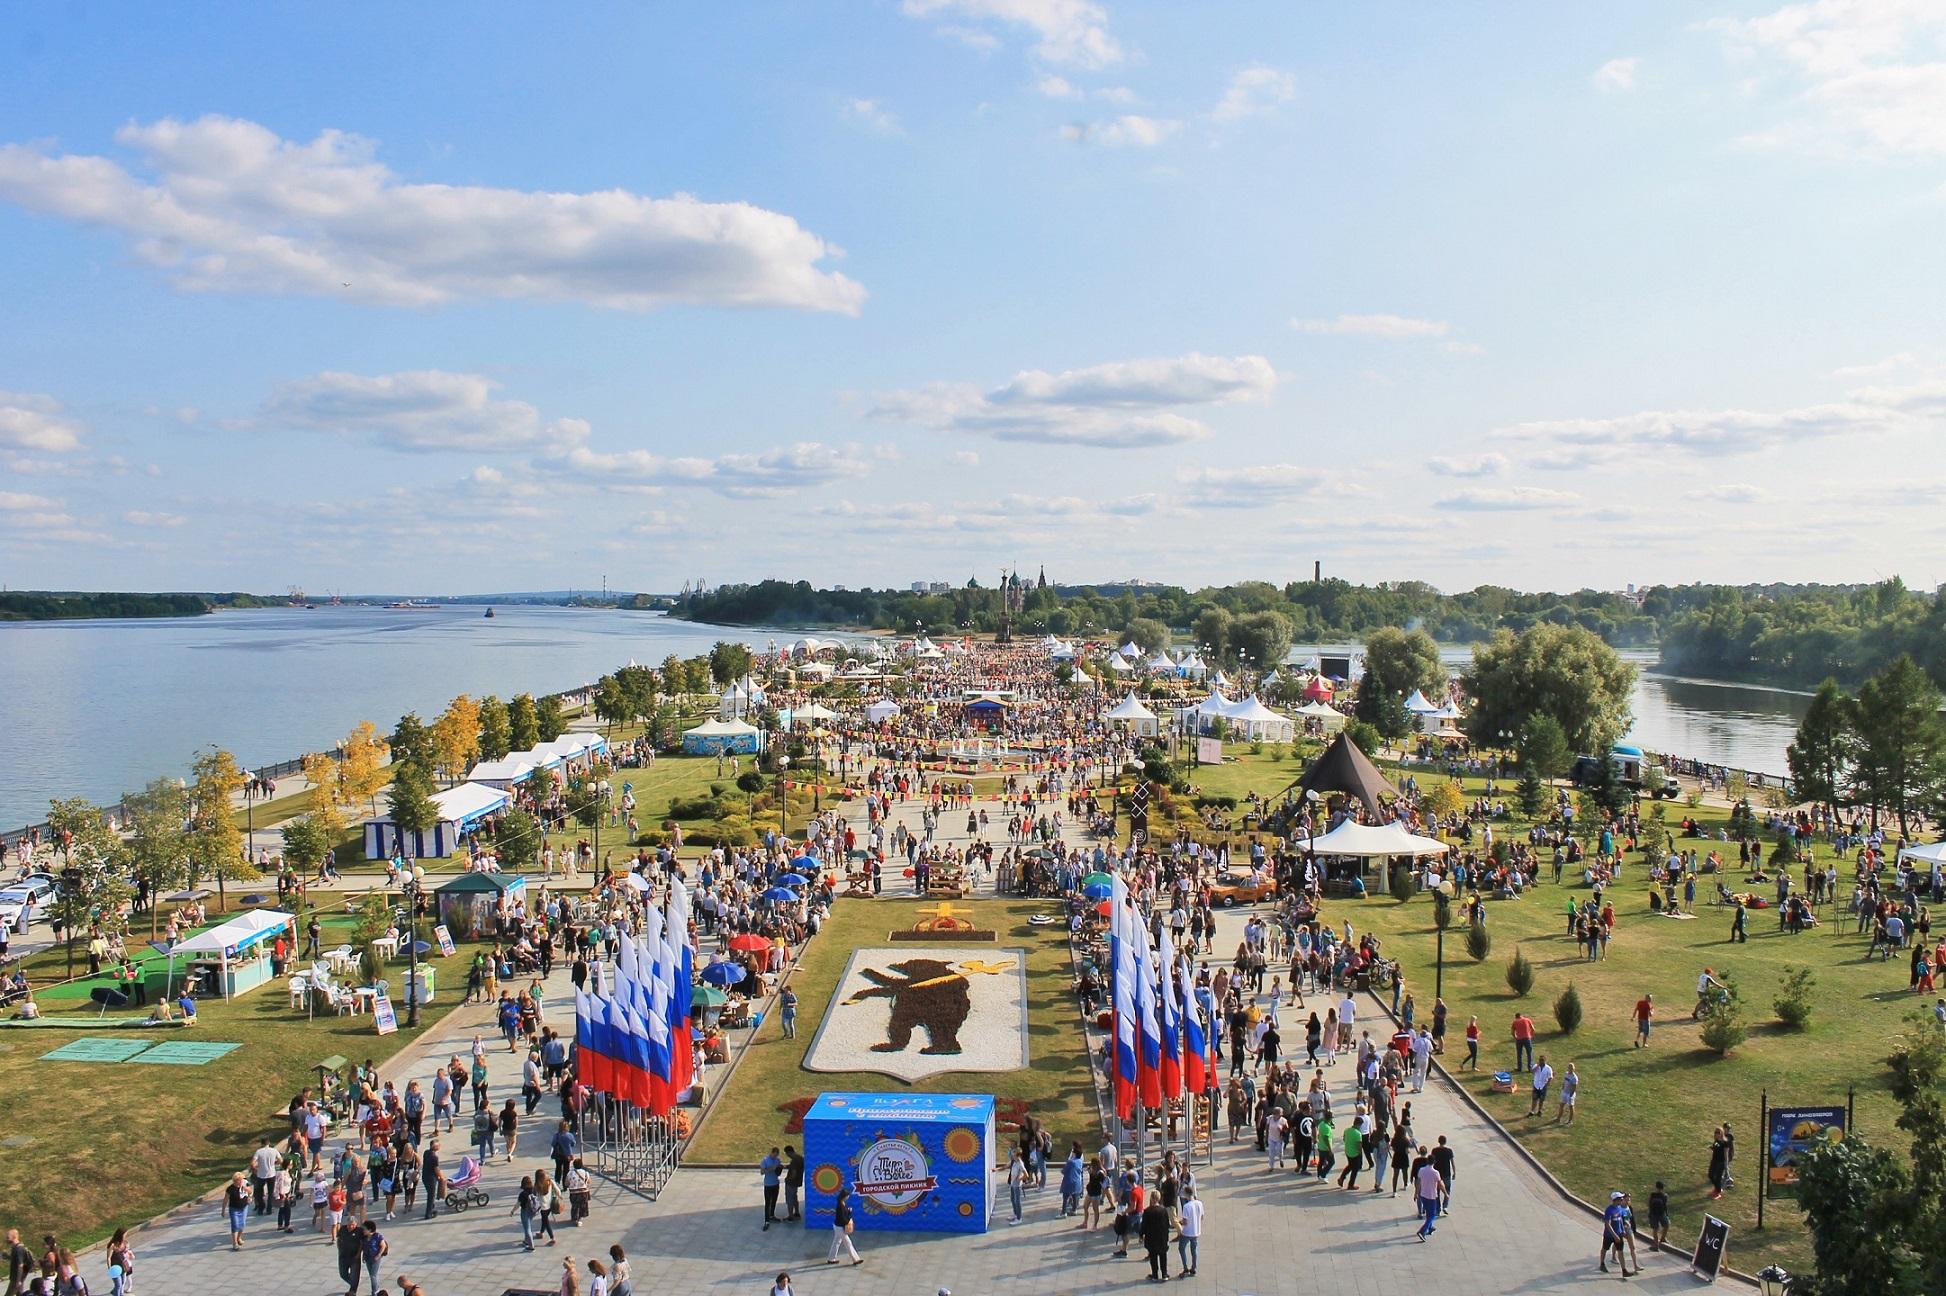 «Пир на Волге» и другие: в День города в Ярославле пройдут 14 фестивалей